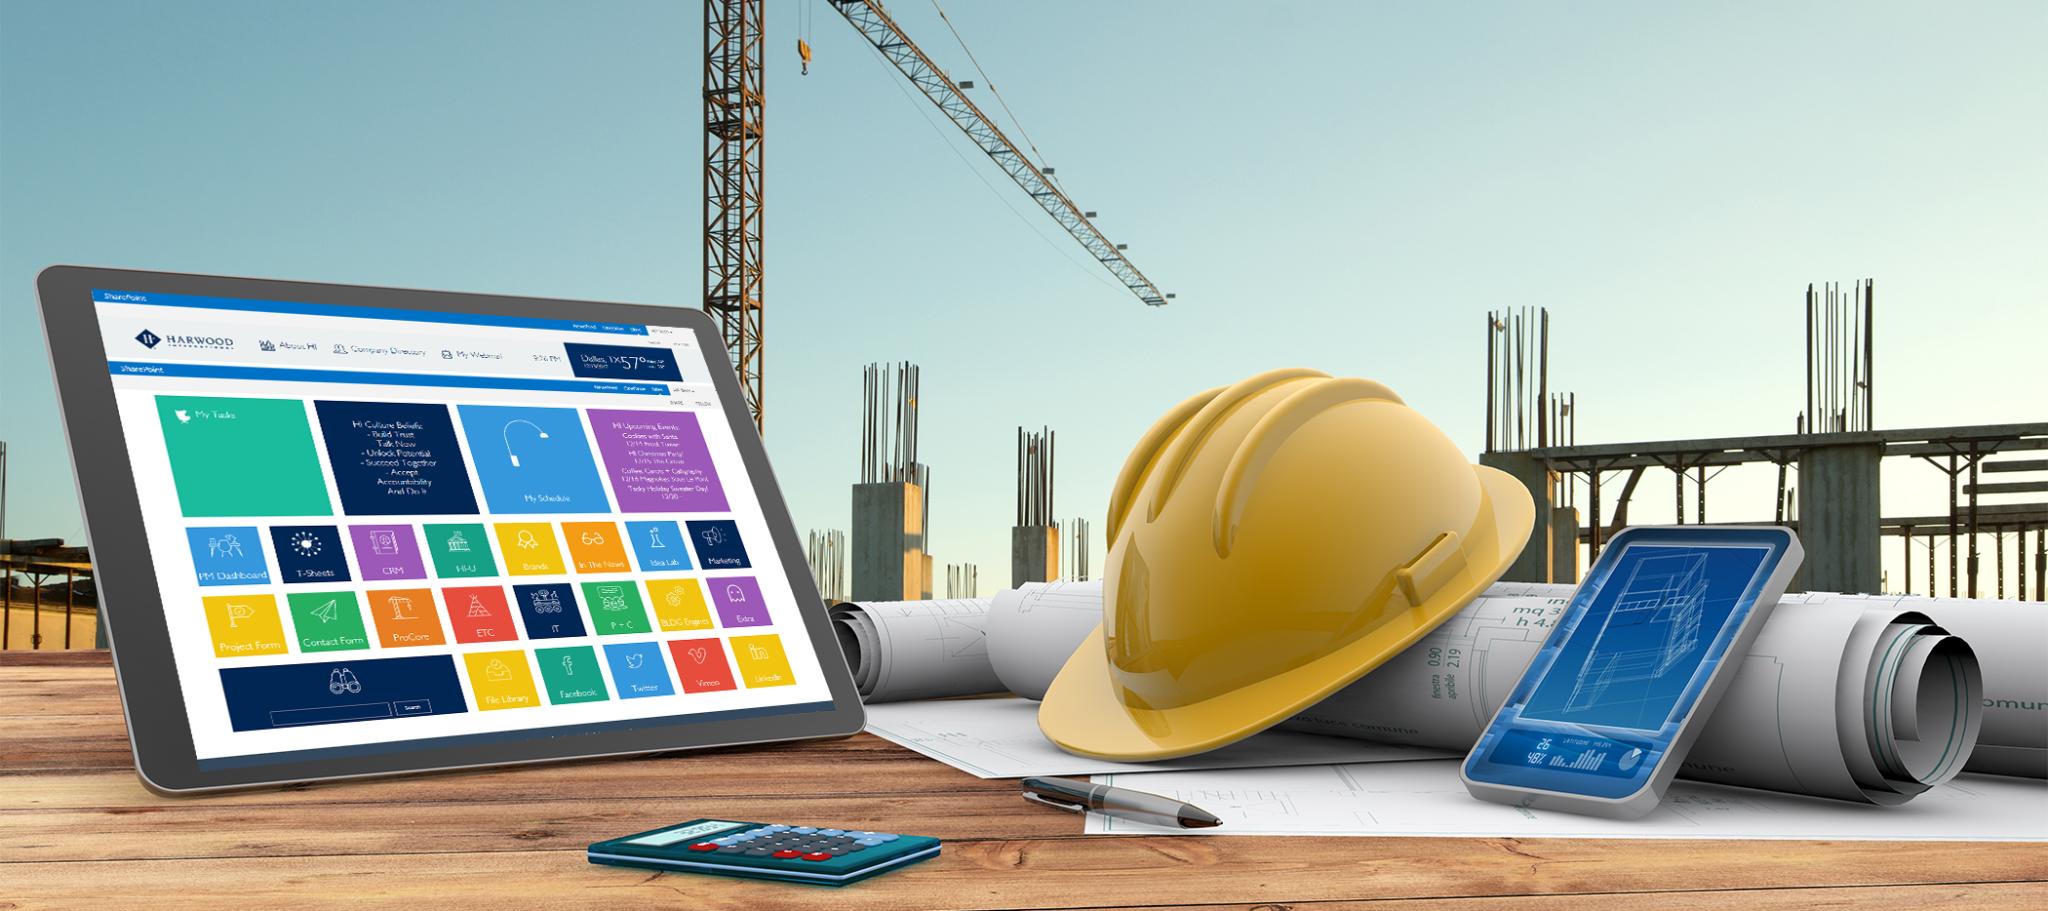 Építőipar projekt pénzügy erp